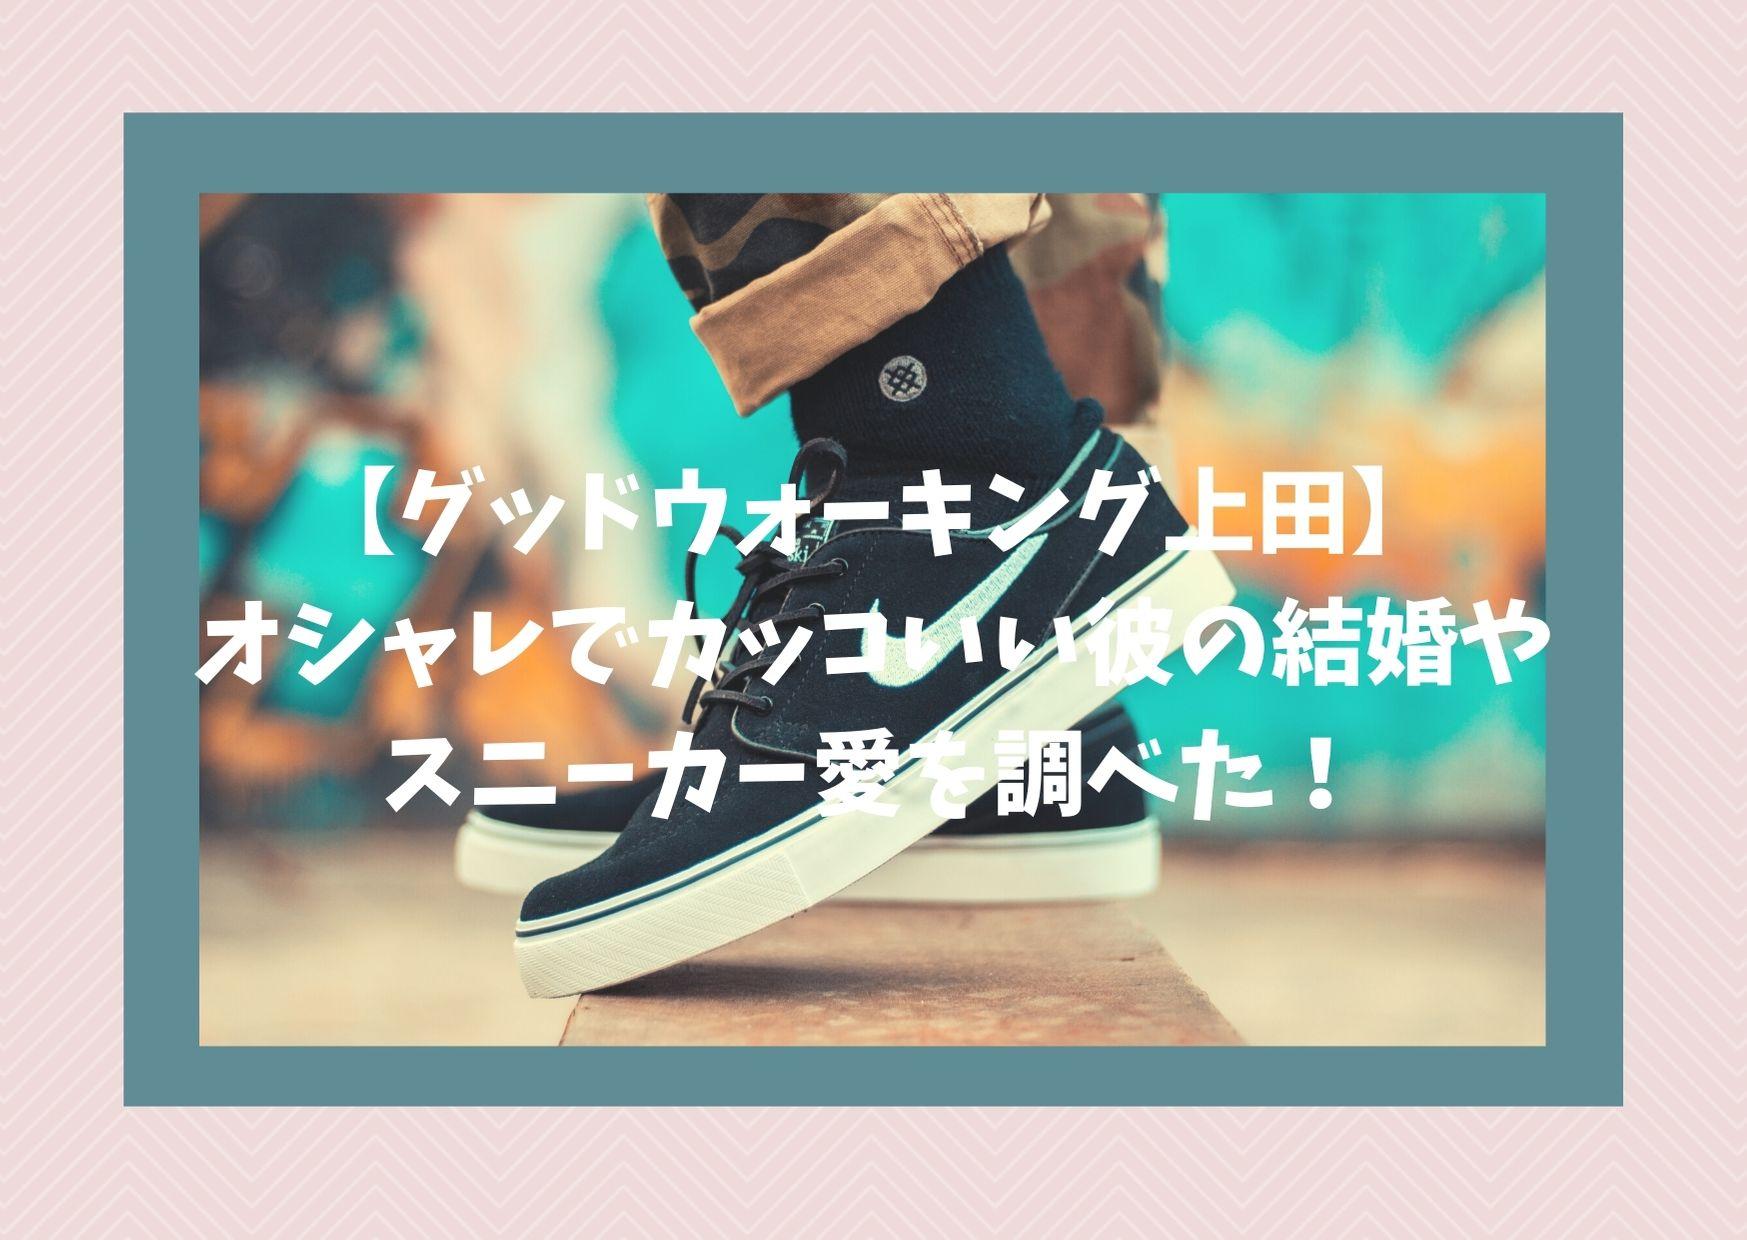 【グッドウォーキング上田】オシャレでカッコいい彼の結婚やスニーカー愛を調べた!